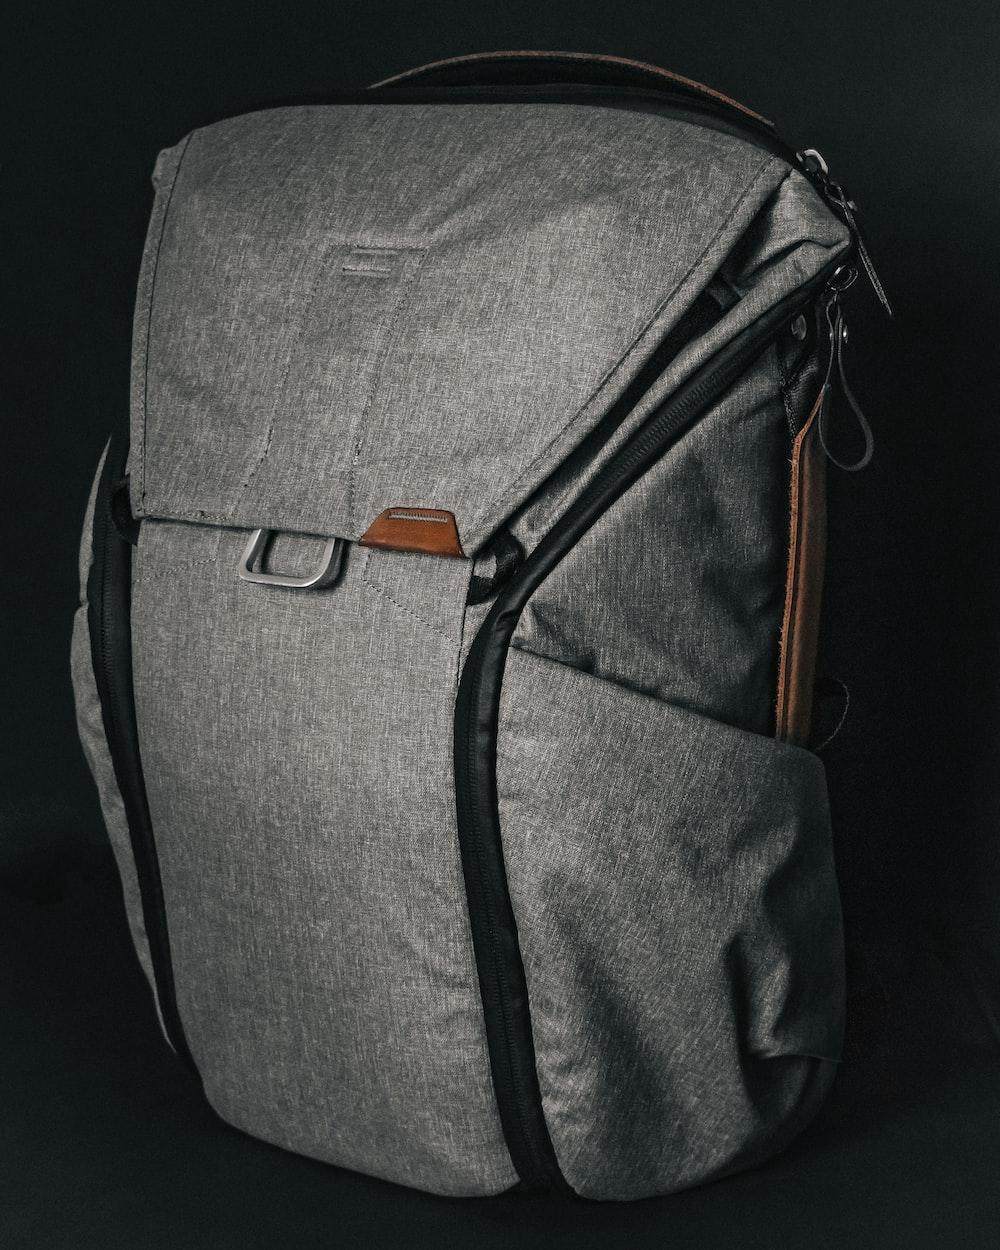 gray and black sling bag